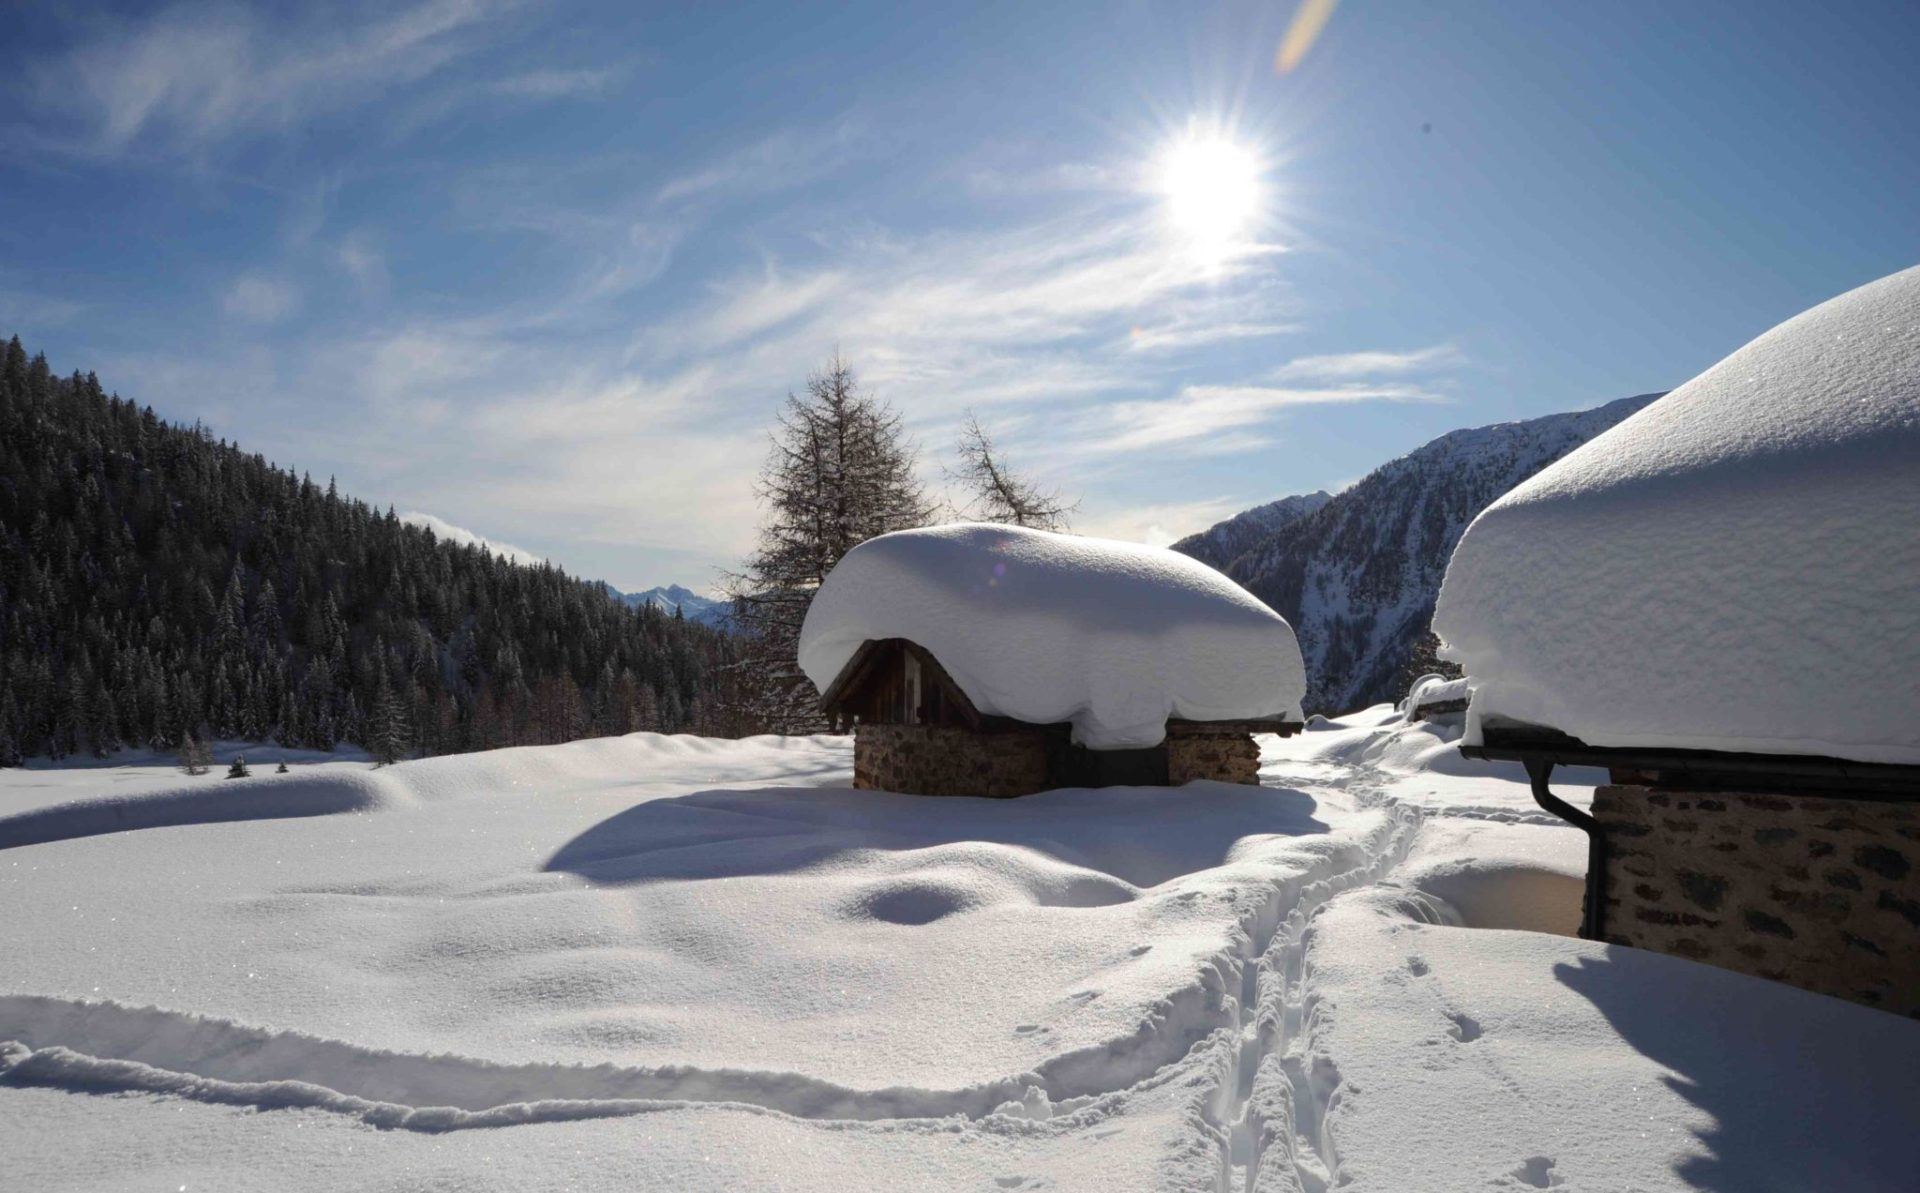 Immagine testata per Services included Winter